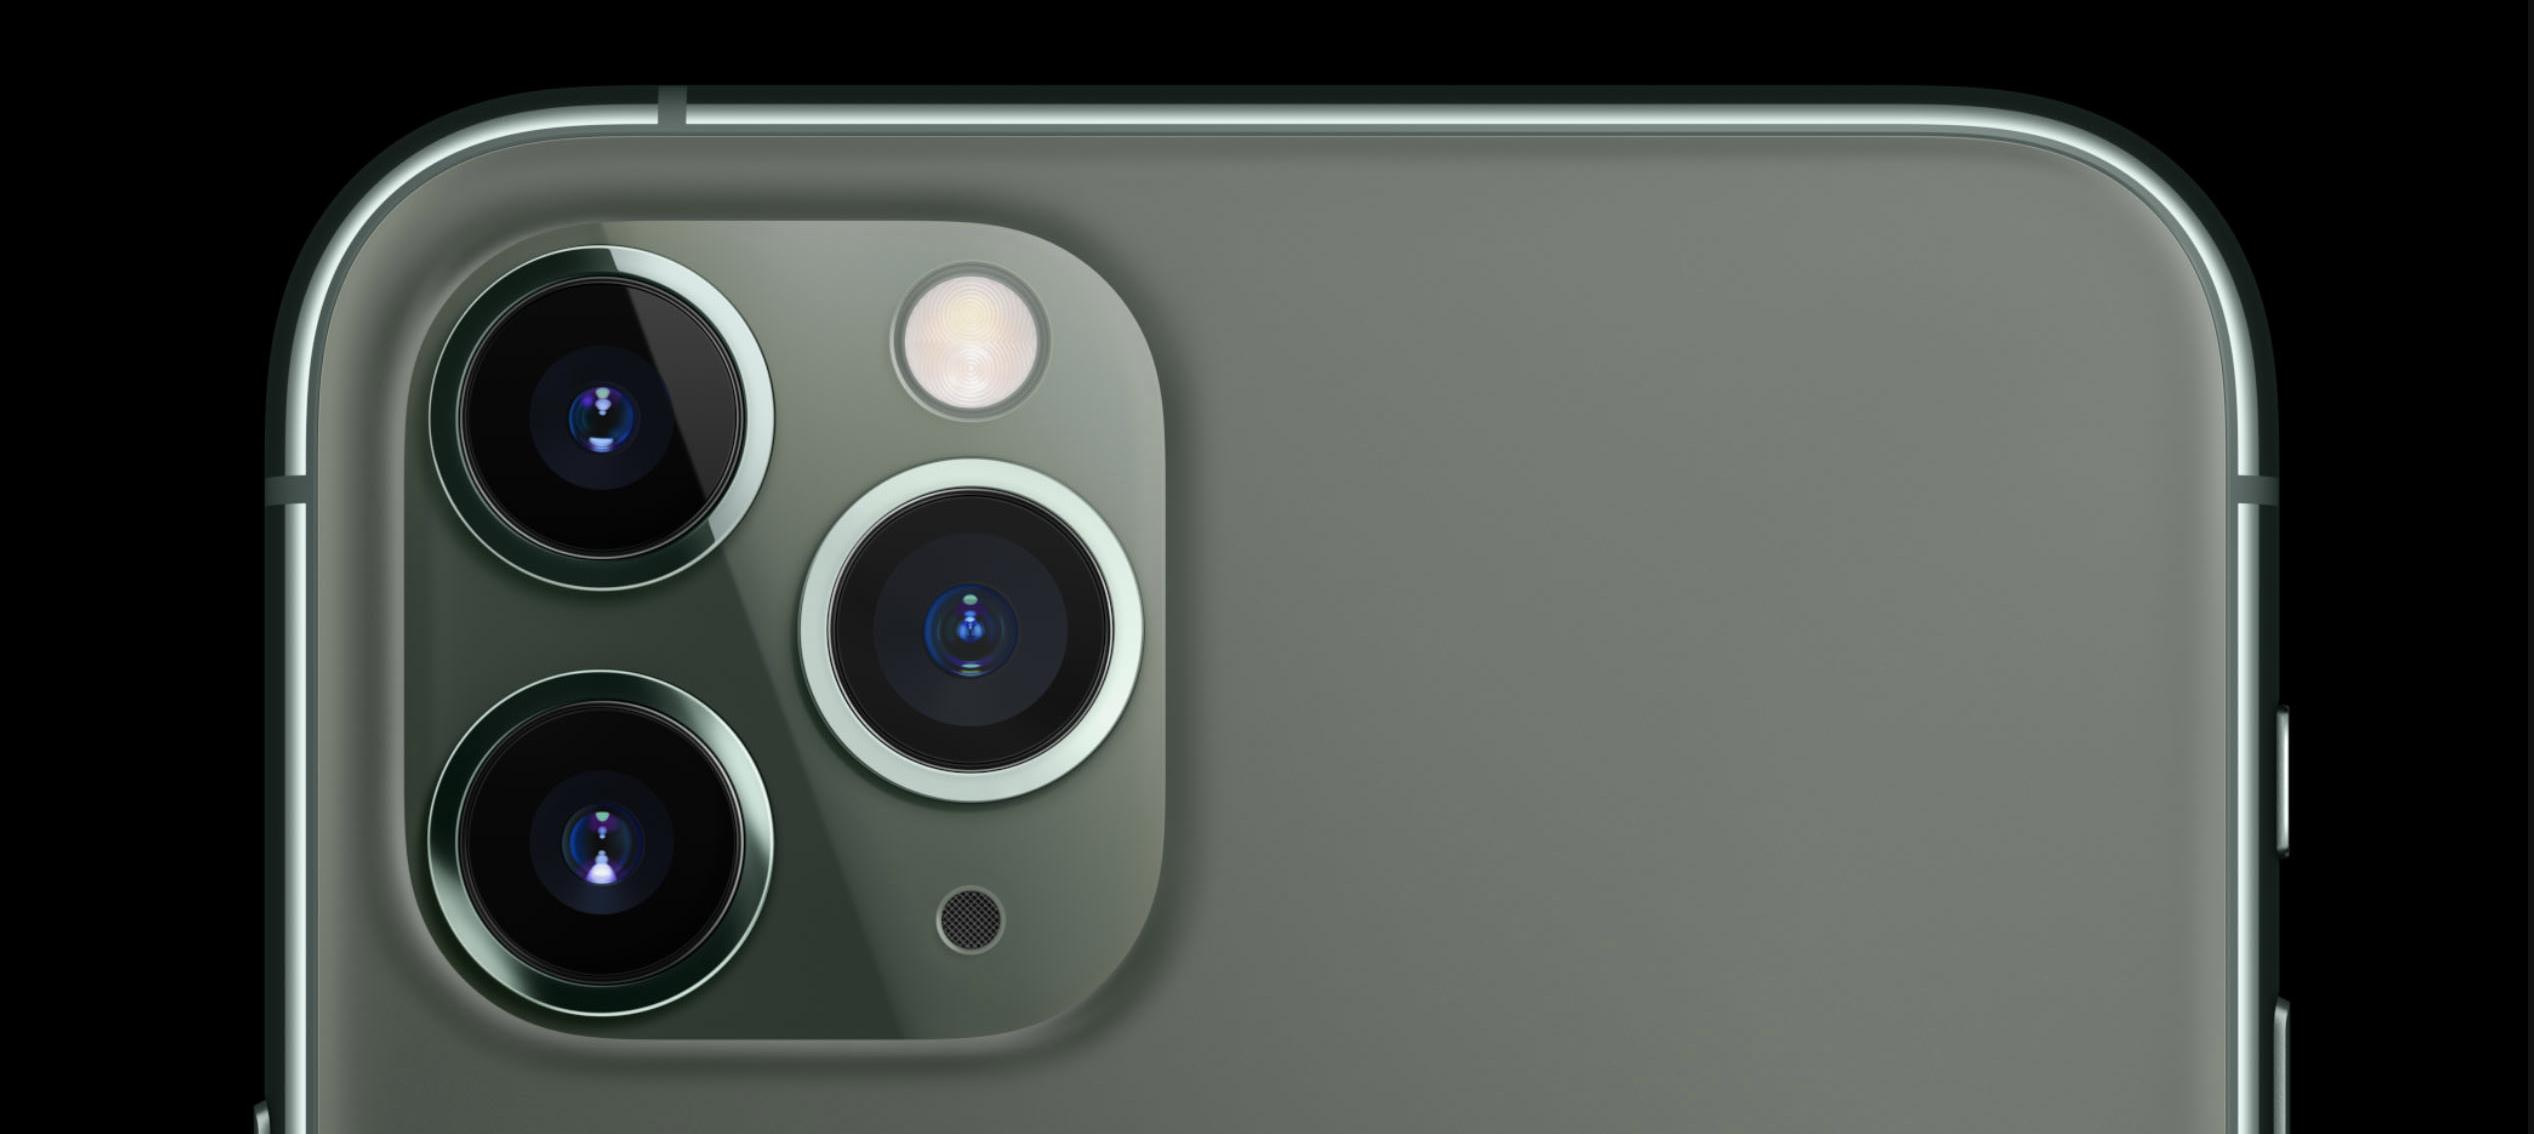 iPhone 11 , 11 Pro インカメラの進化が凄い!